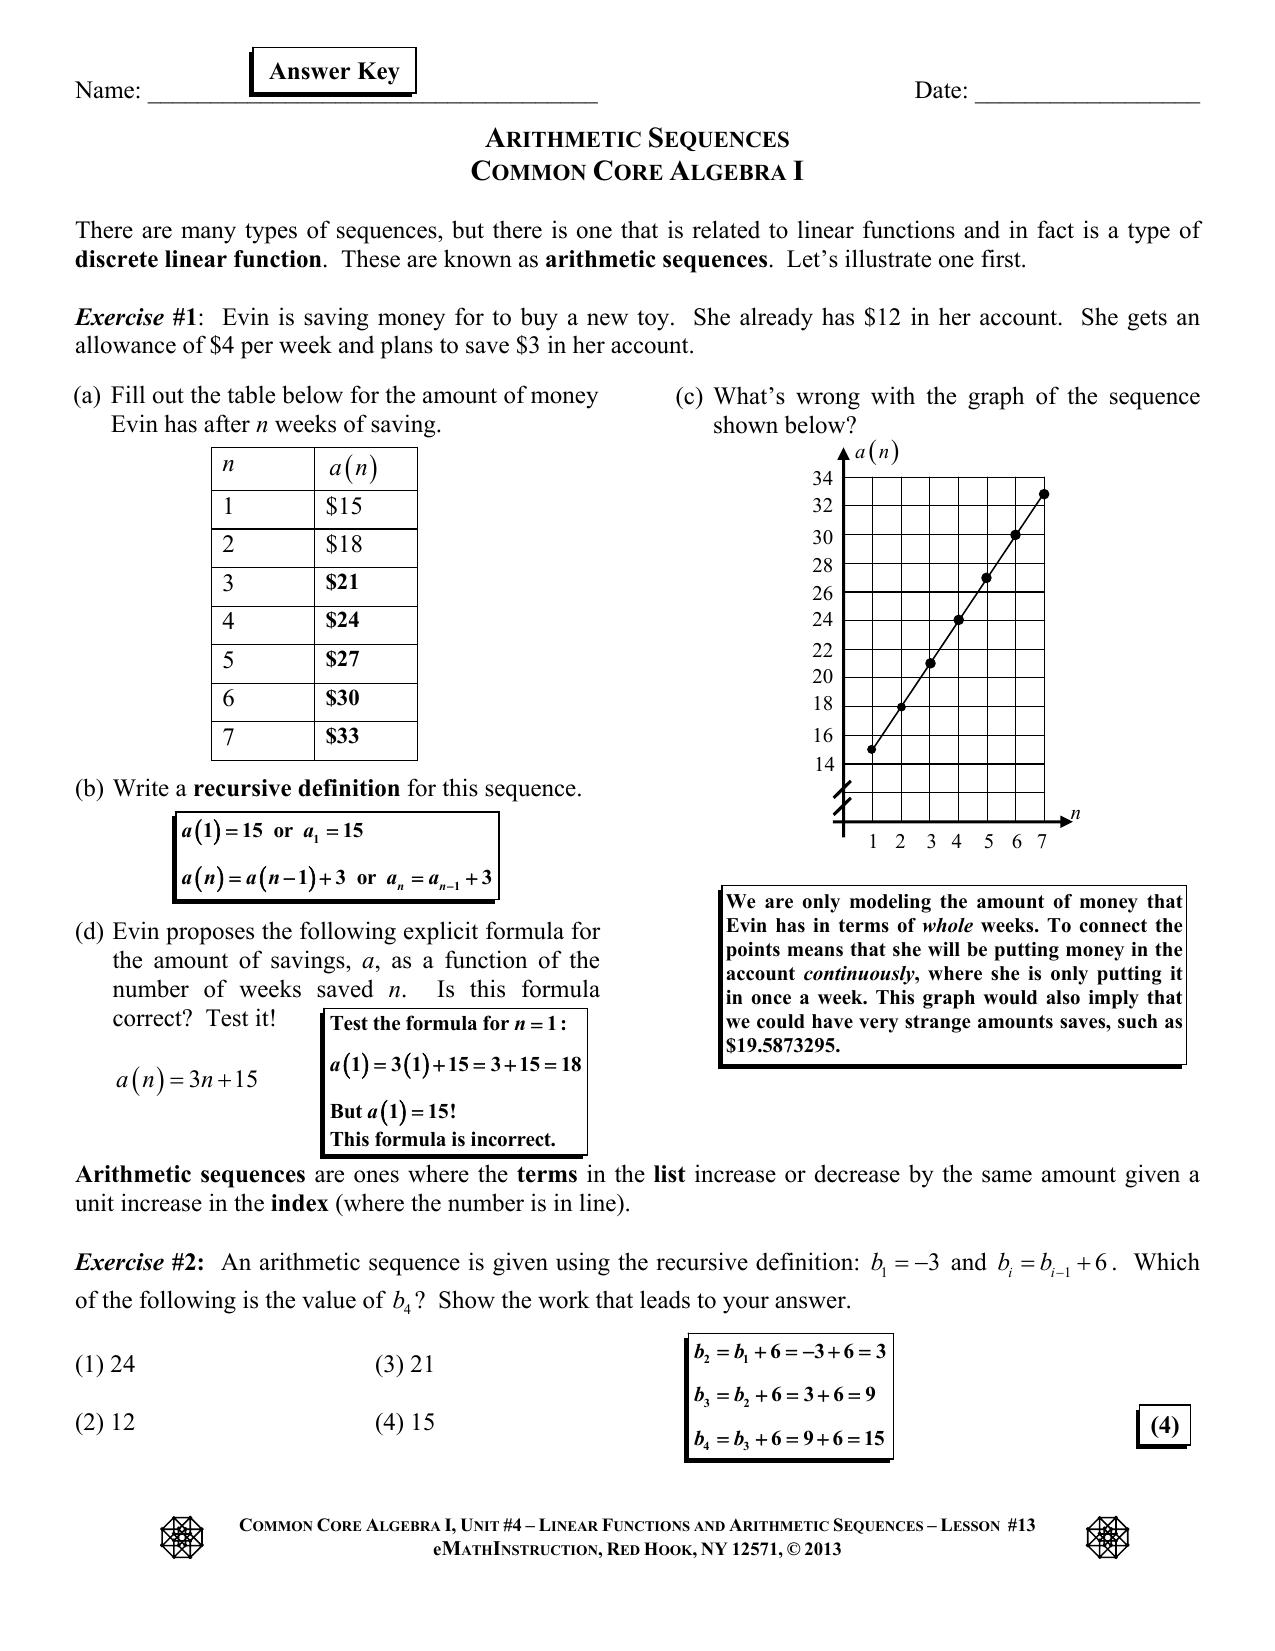 Emathinstruction Common Core Algebra 1 Homework Answers